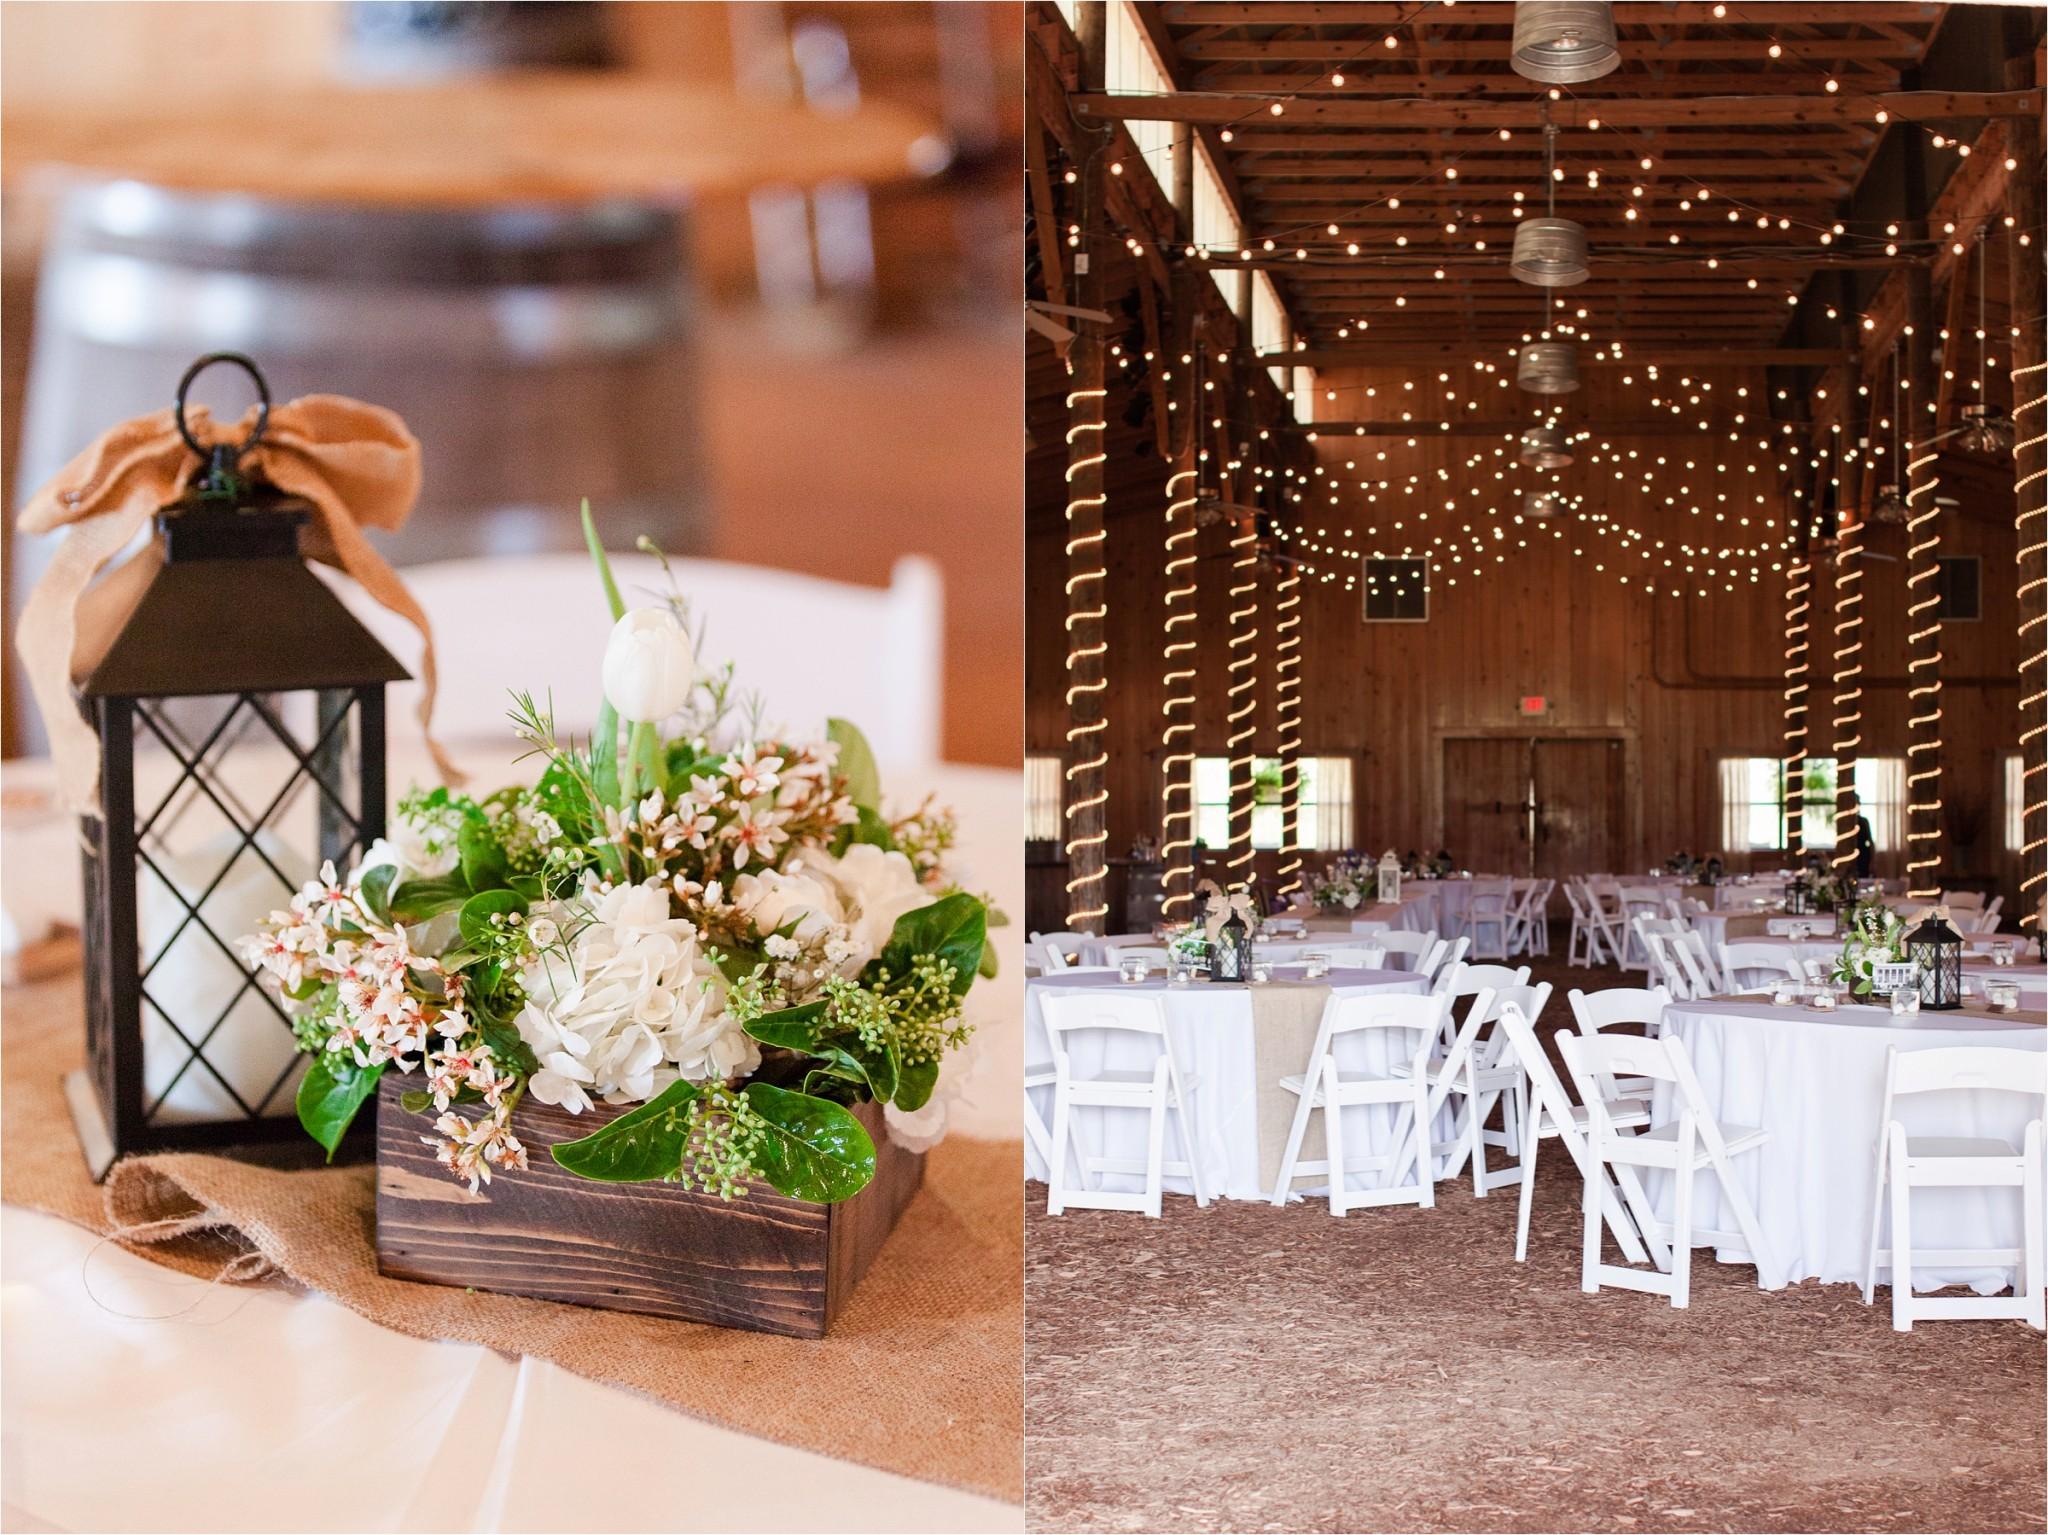 Lewis_Oak_Hollow_Wedding_Fairhope_AL_0176